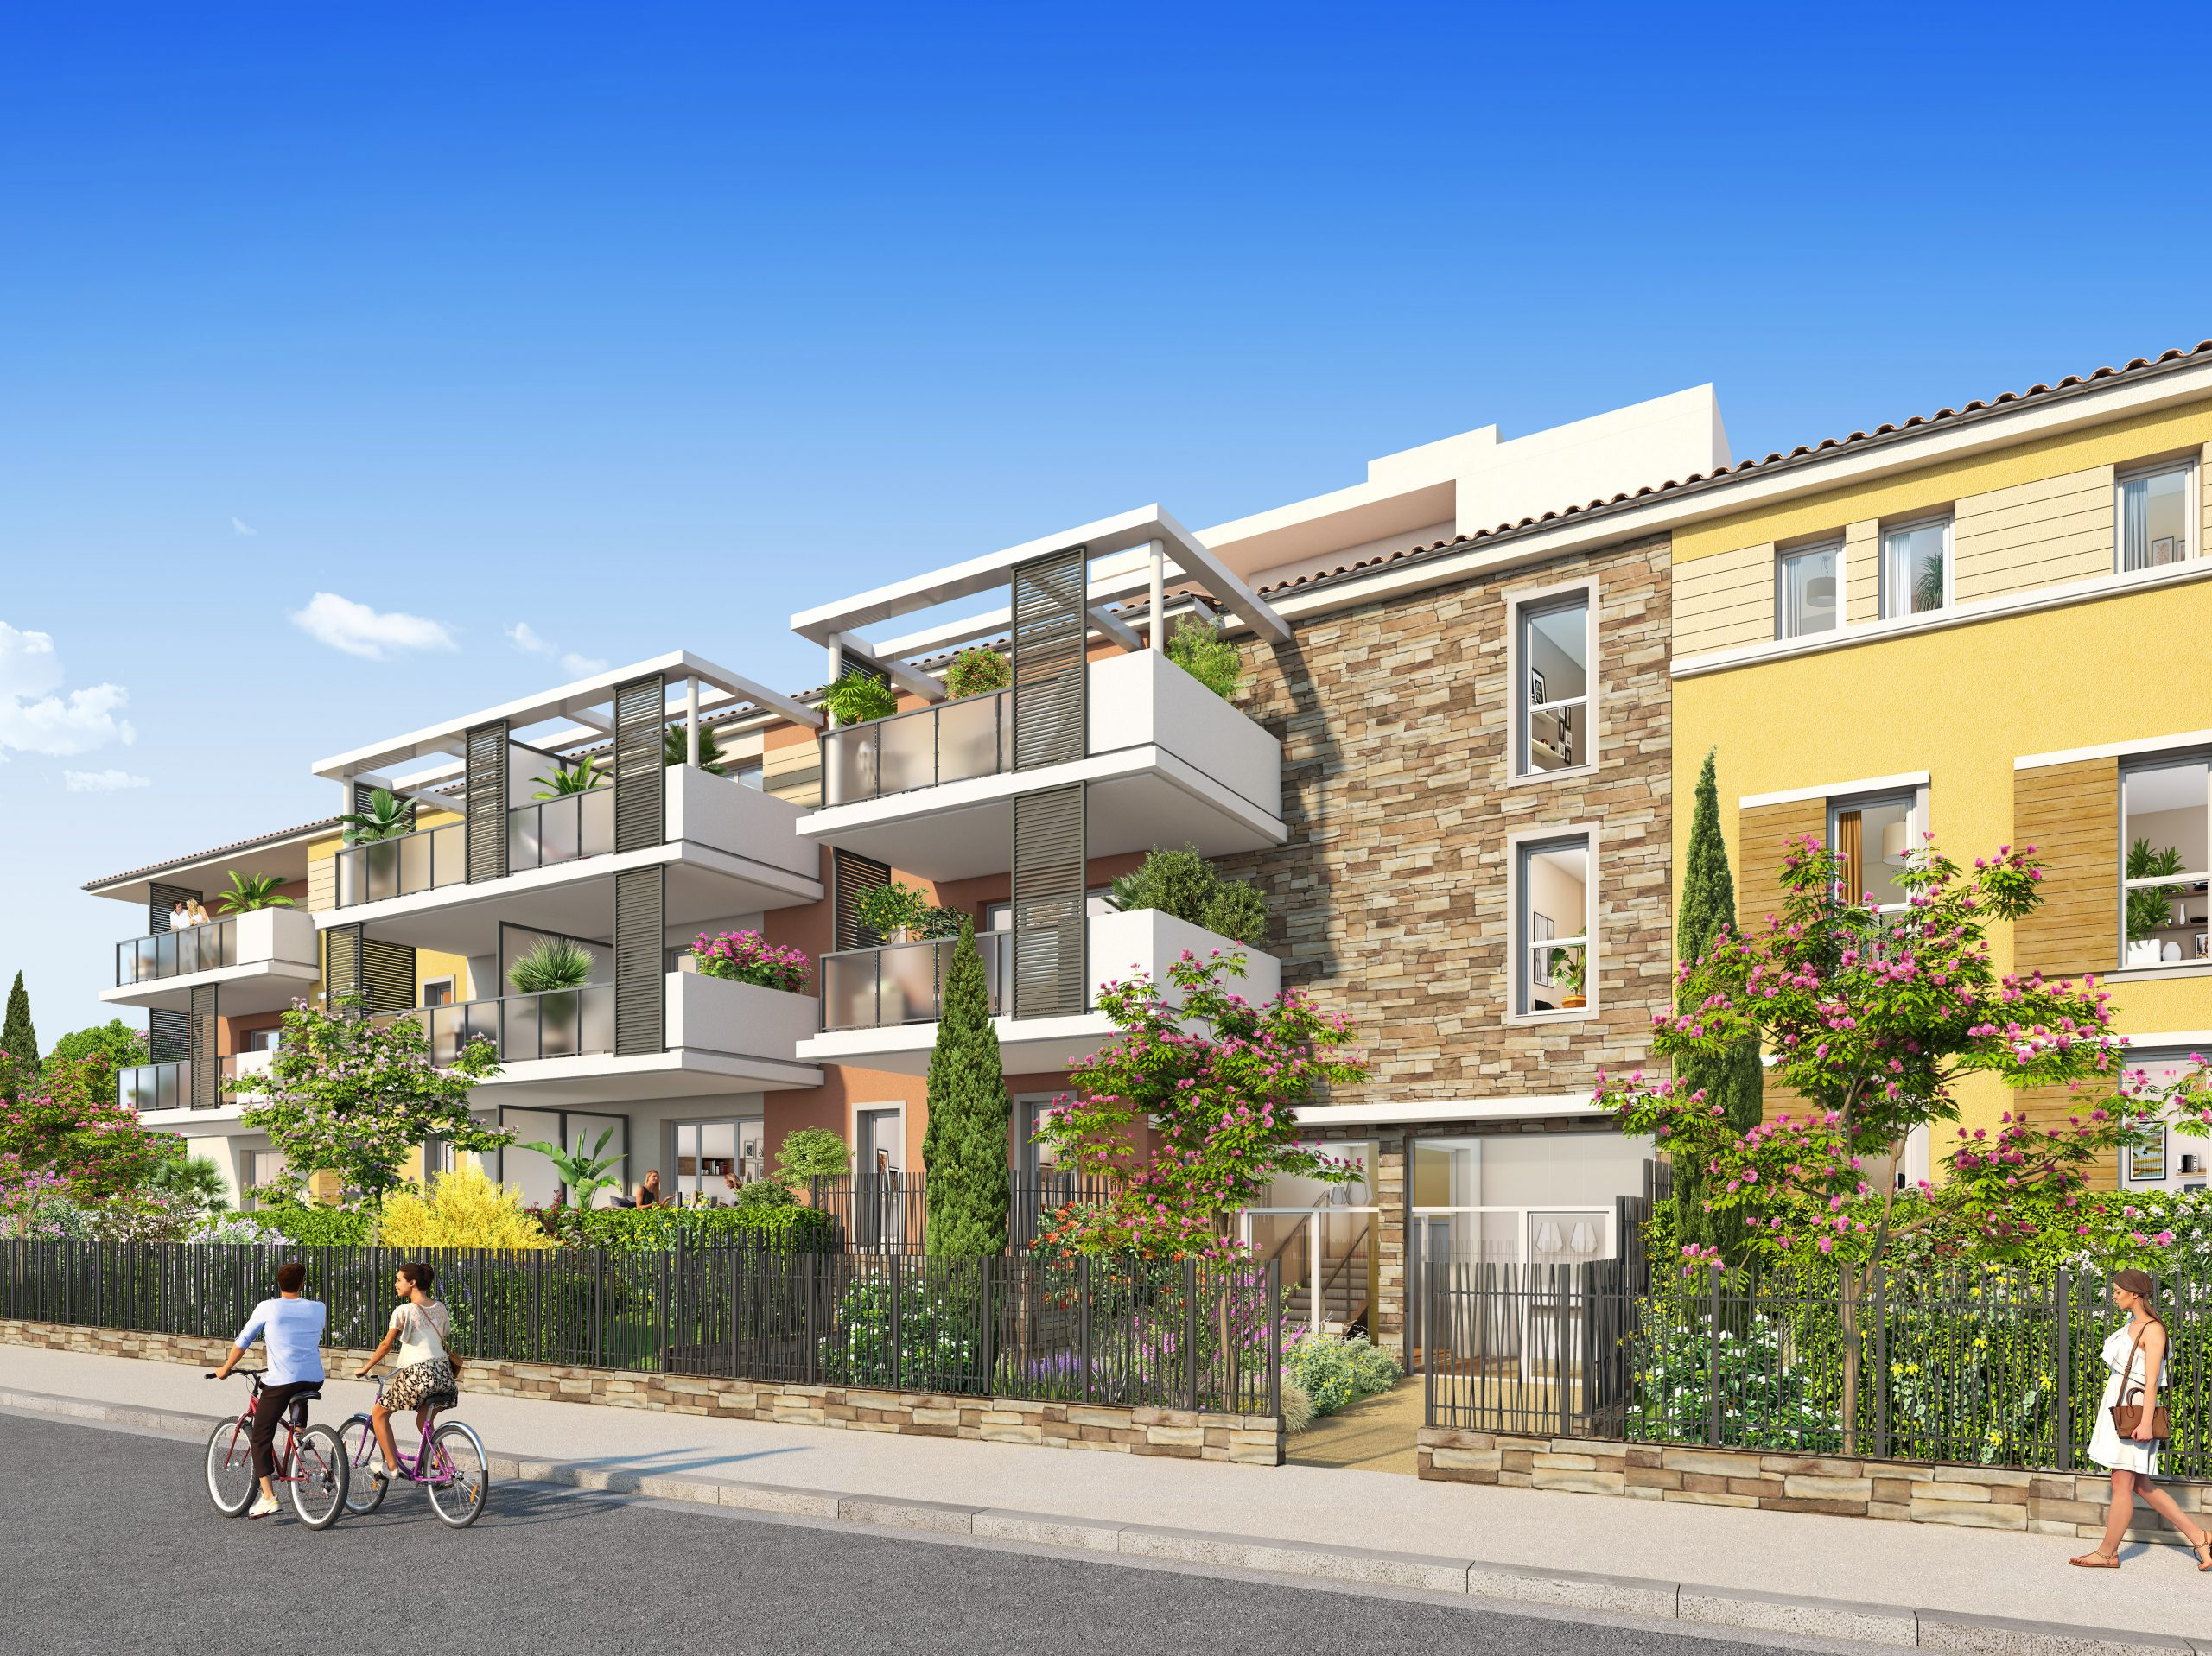 Programme immobilier ALT118 appartement à Cogolin (83310) Destination phare pour investir